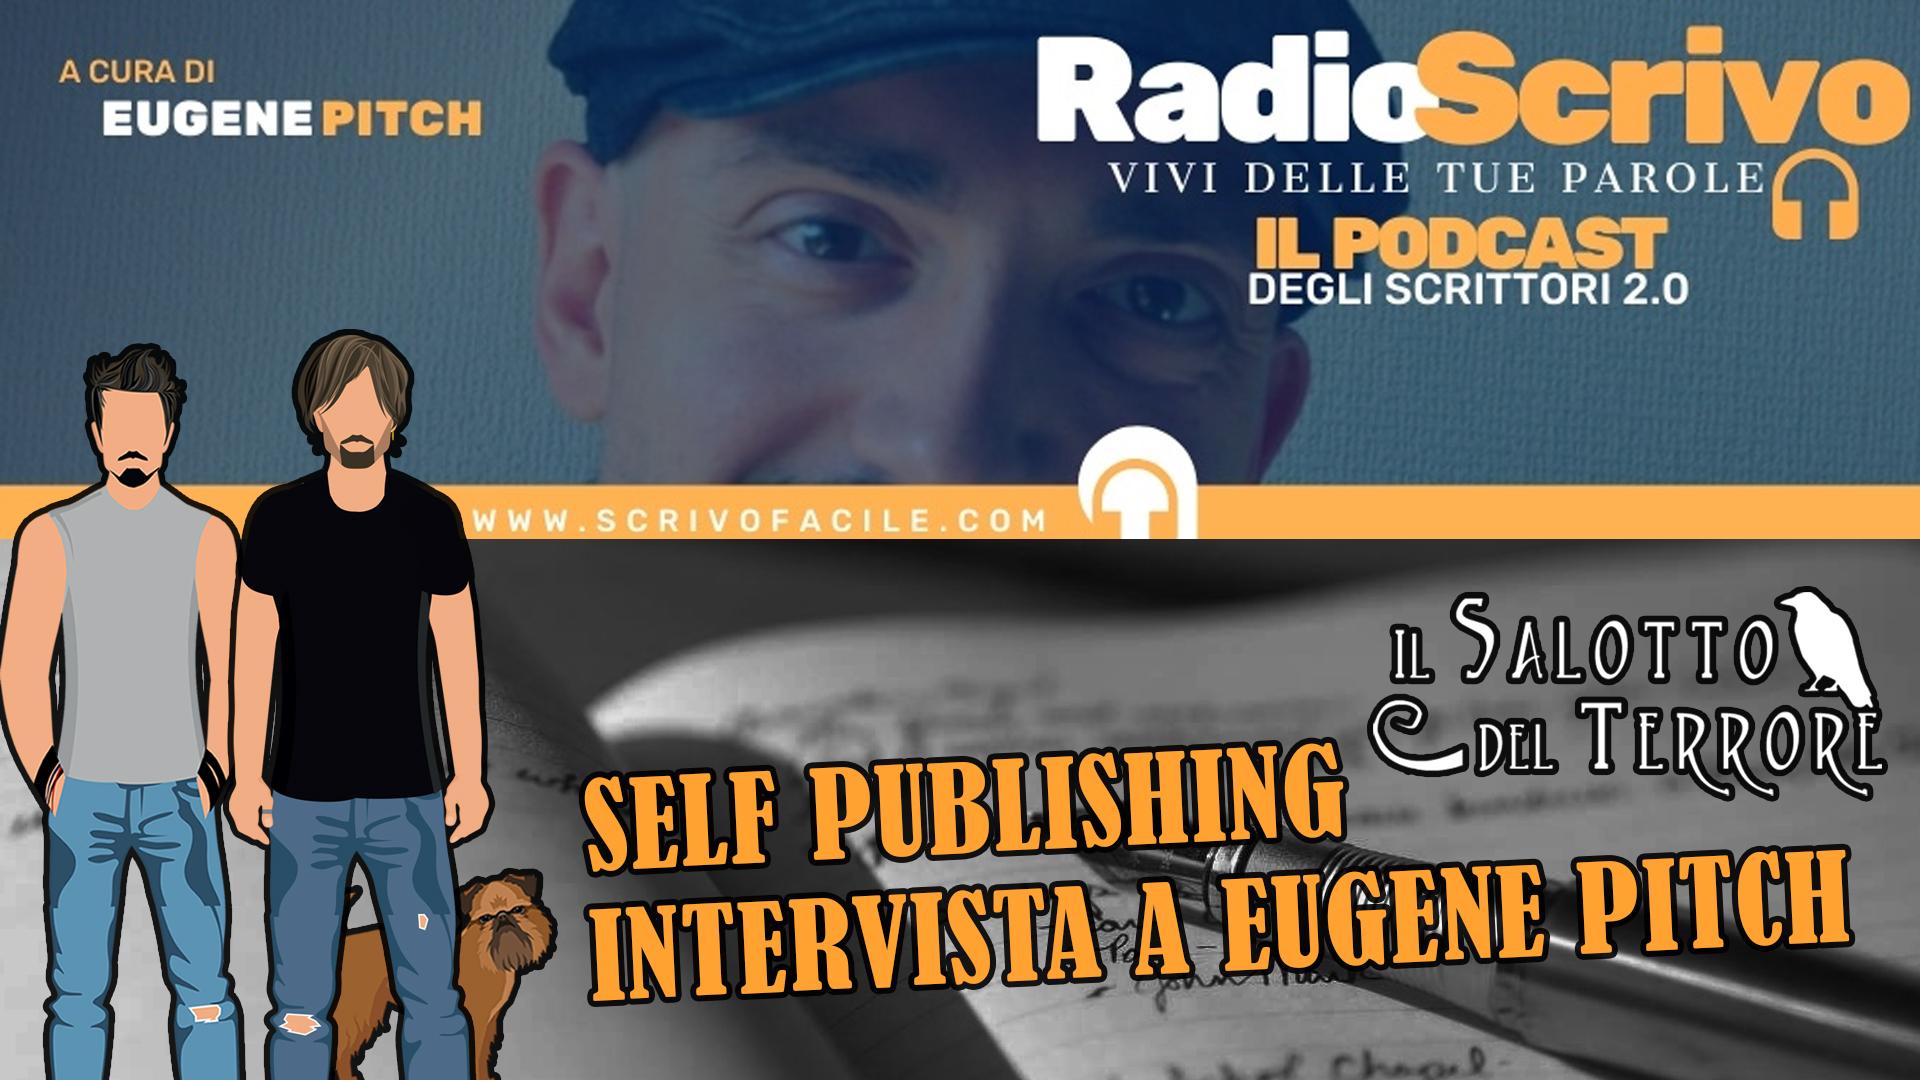 podcast - parliamo di self publishing con Eugene Pitch